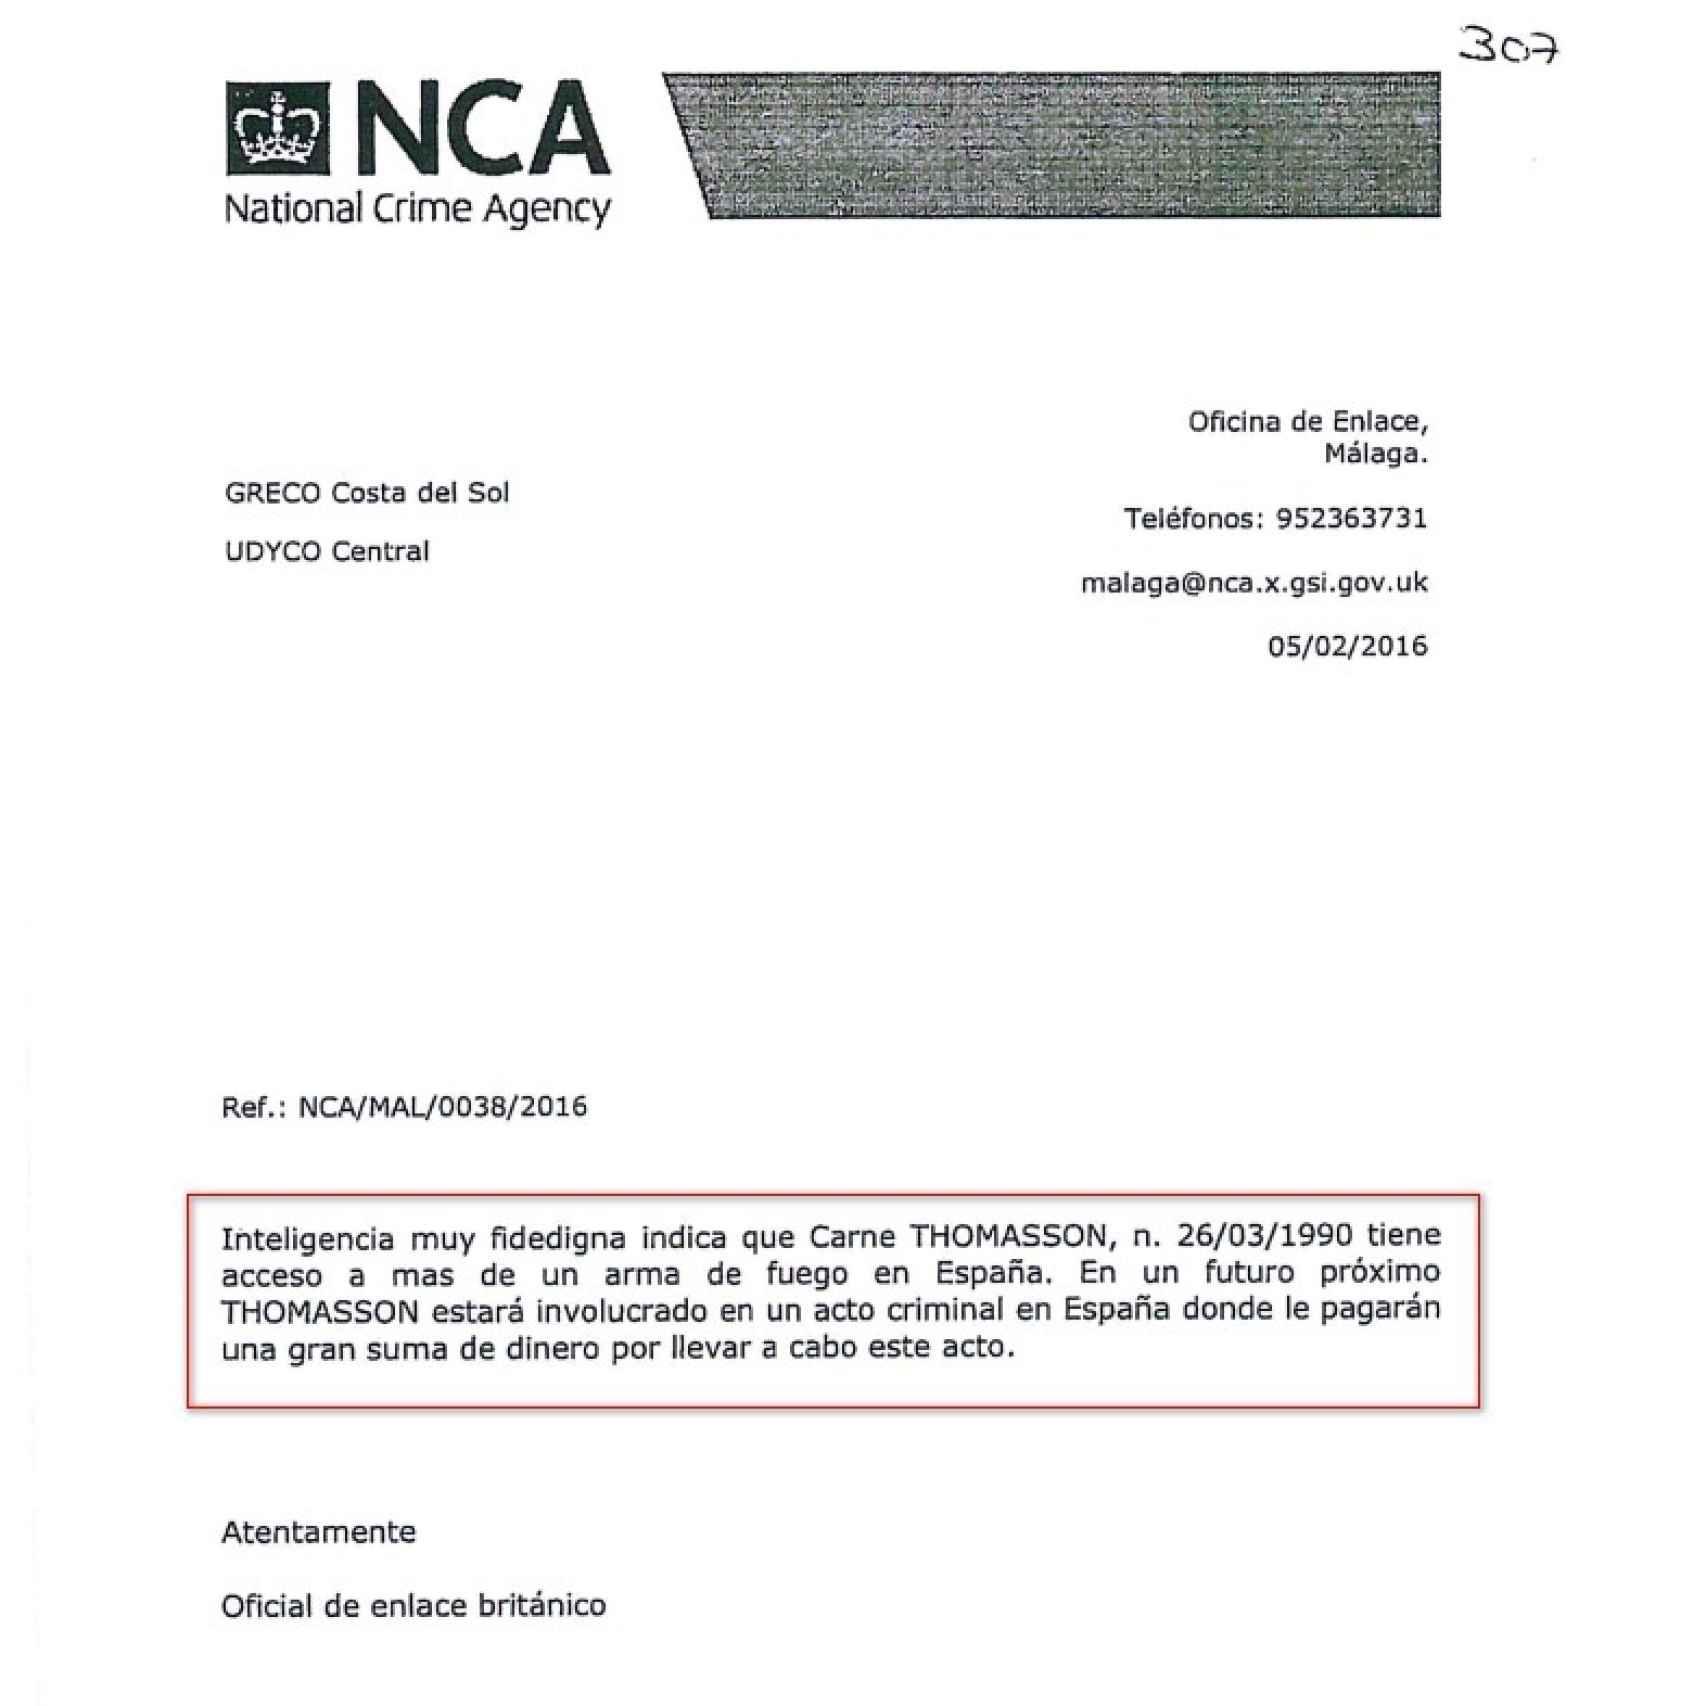 Comunicación enviada por la NCA británica.